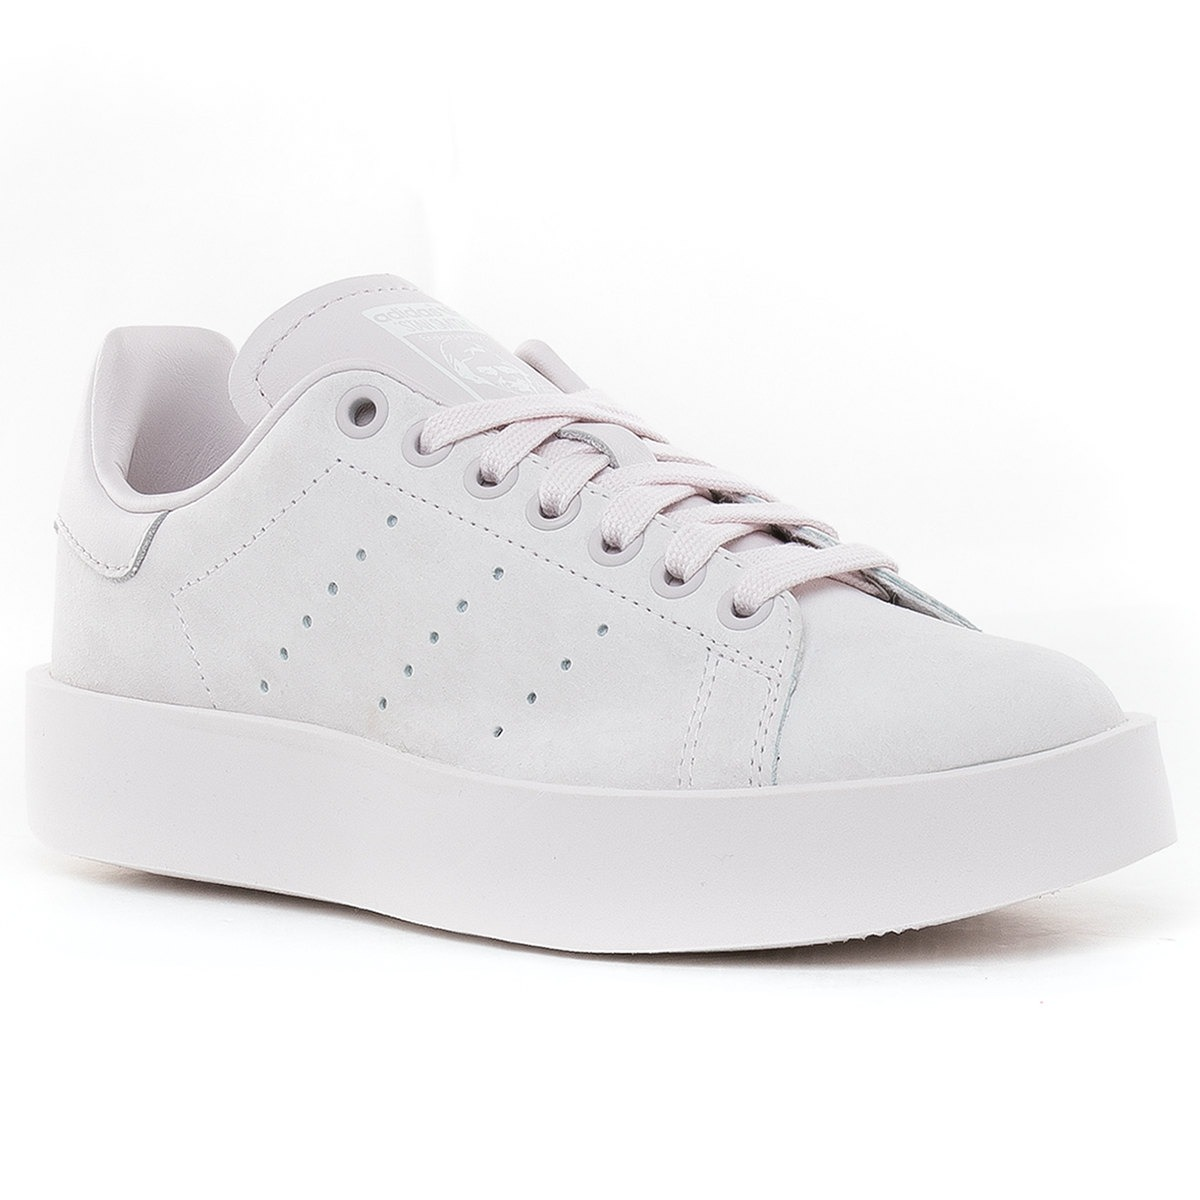 364d05adf8959 zapatillas stan smith bold blanco adidas. Cargando zoom.